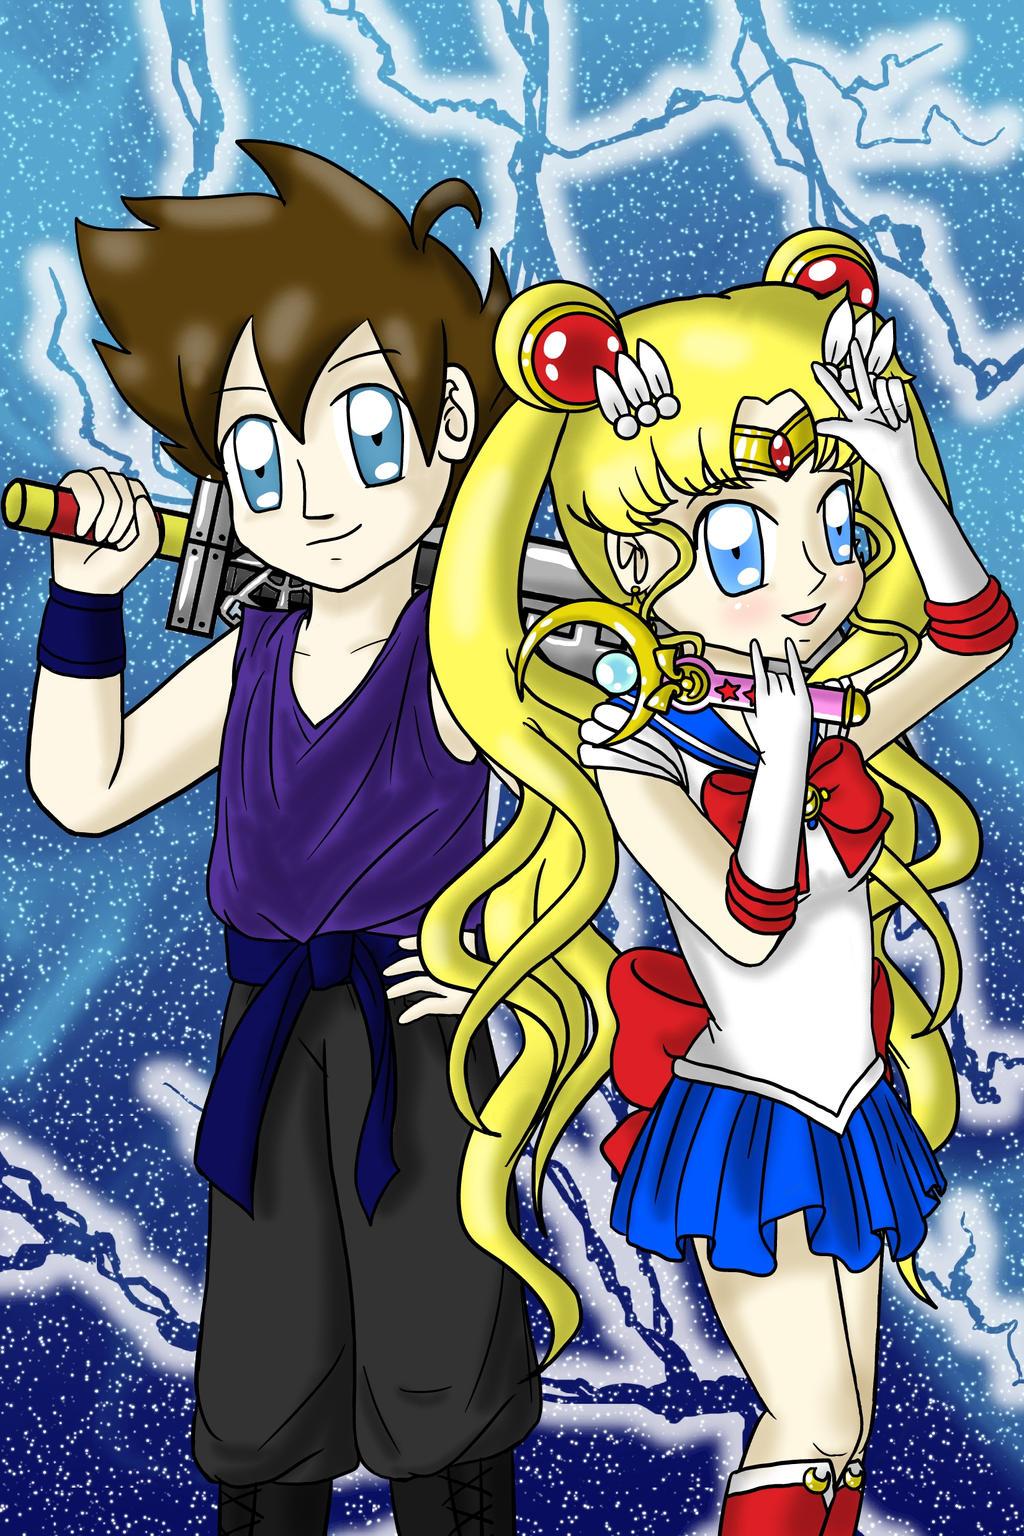 Nikku Vs Sailor Moon by lillilotus